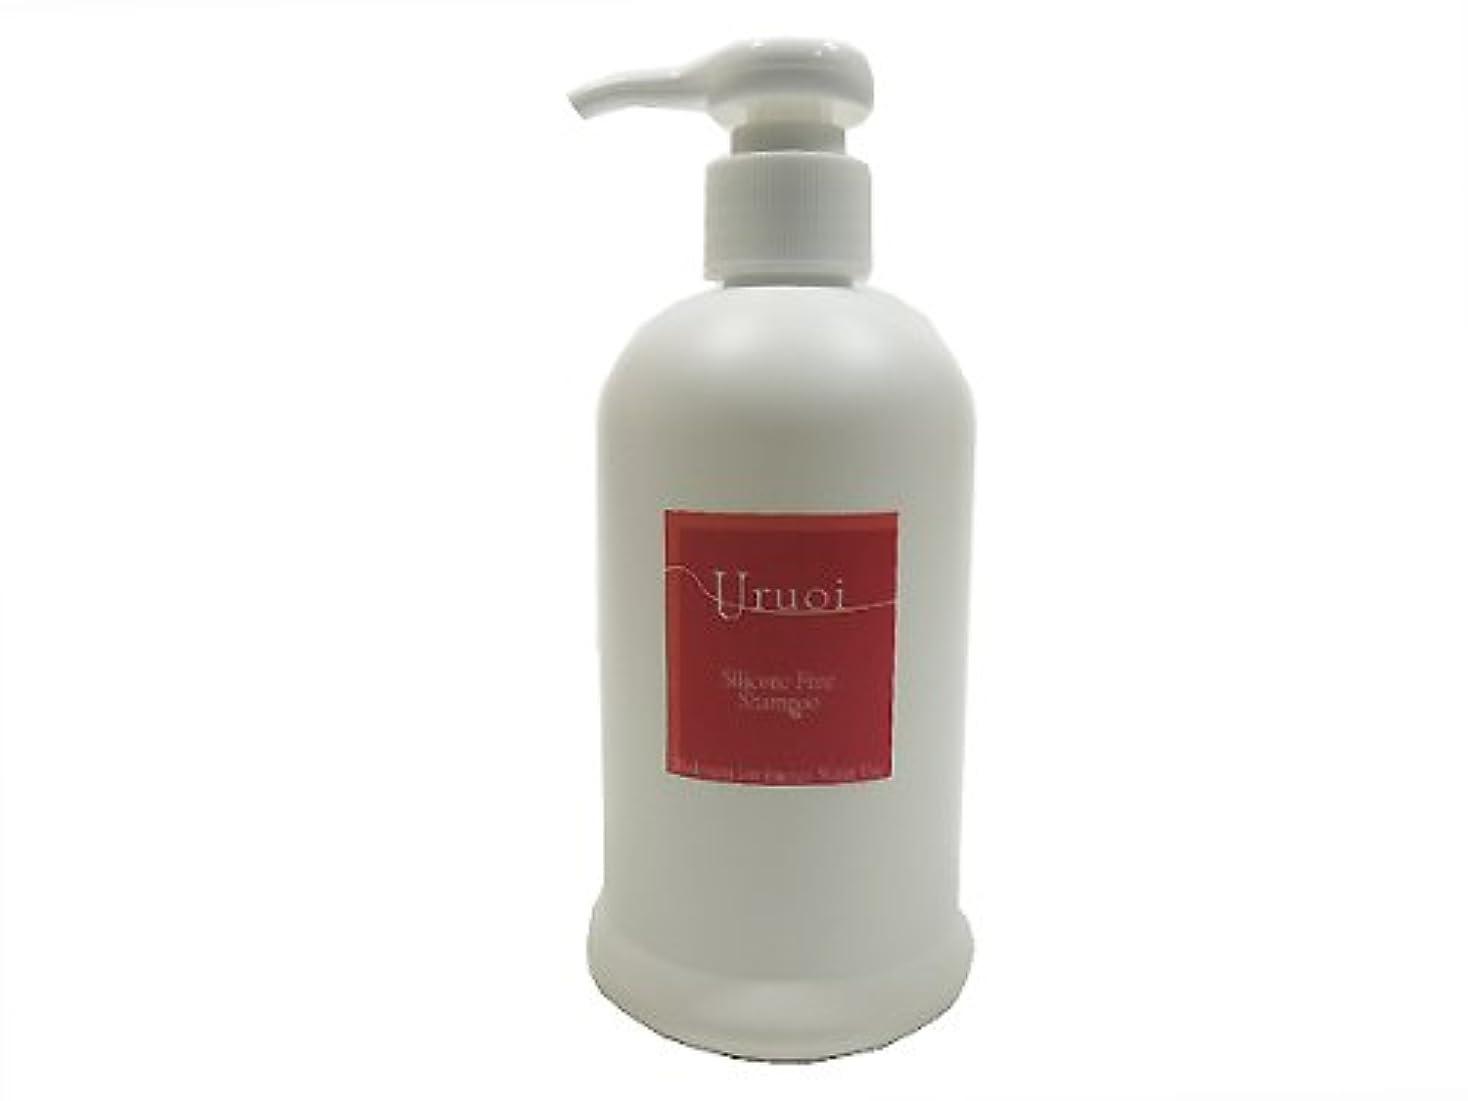 消す恩恵人工的な水素イオン発生エネルギー水 うるおいシャンプー ノンシリコン Silicone Free Uruoi Shampoo